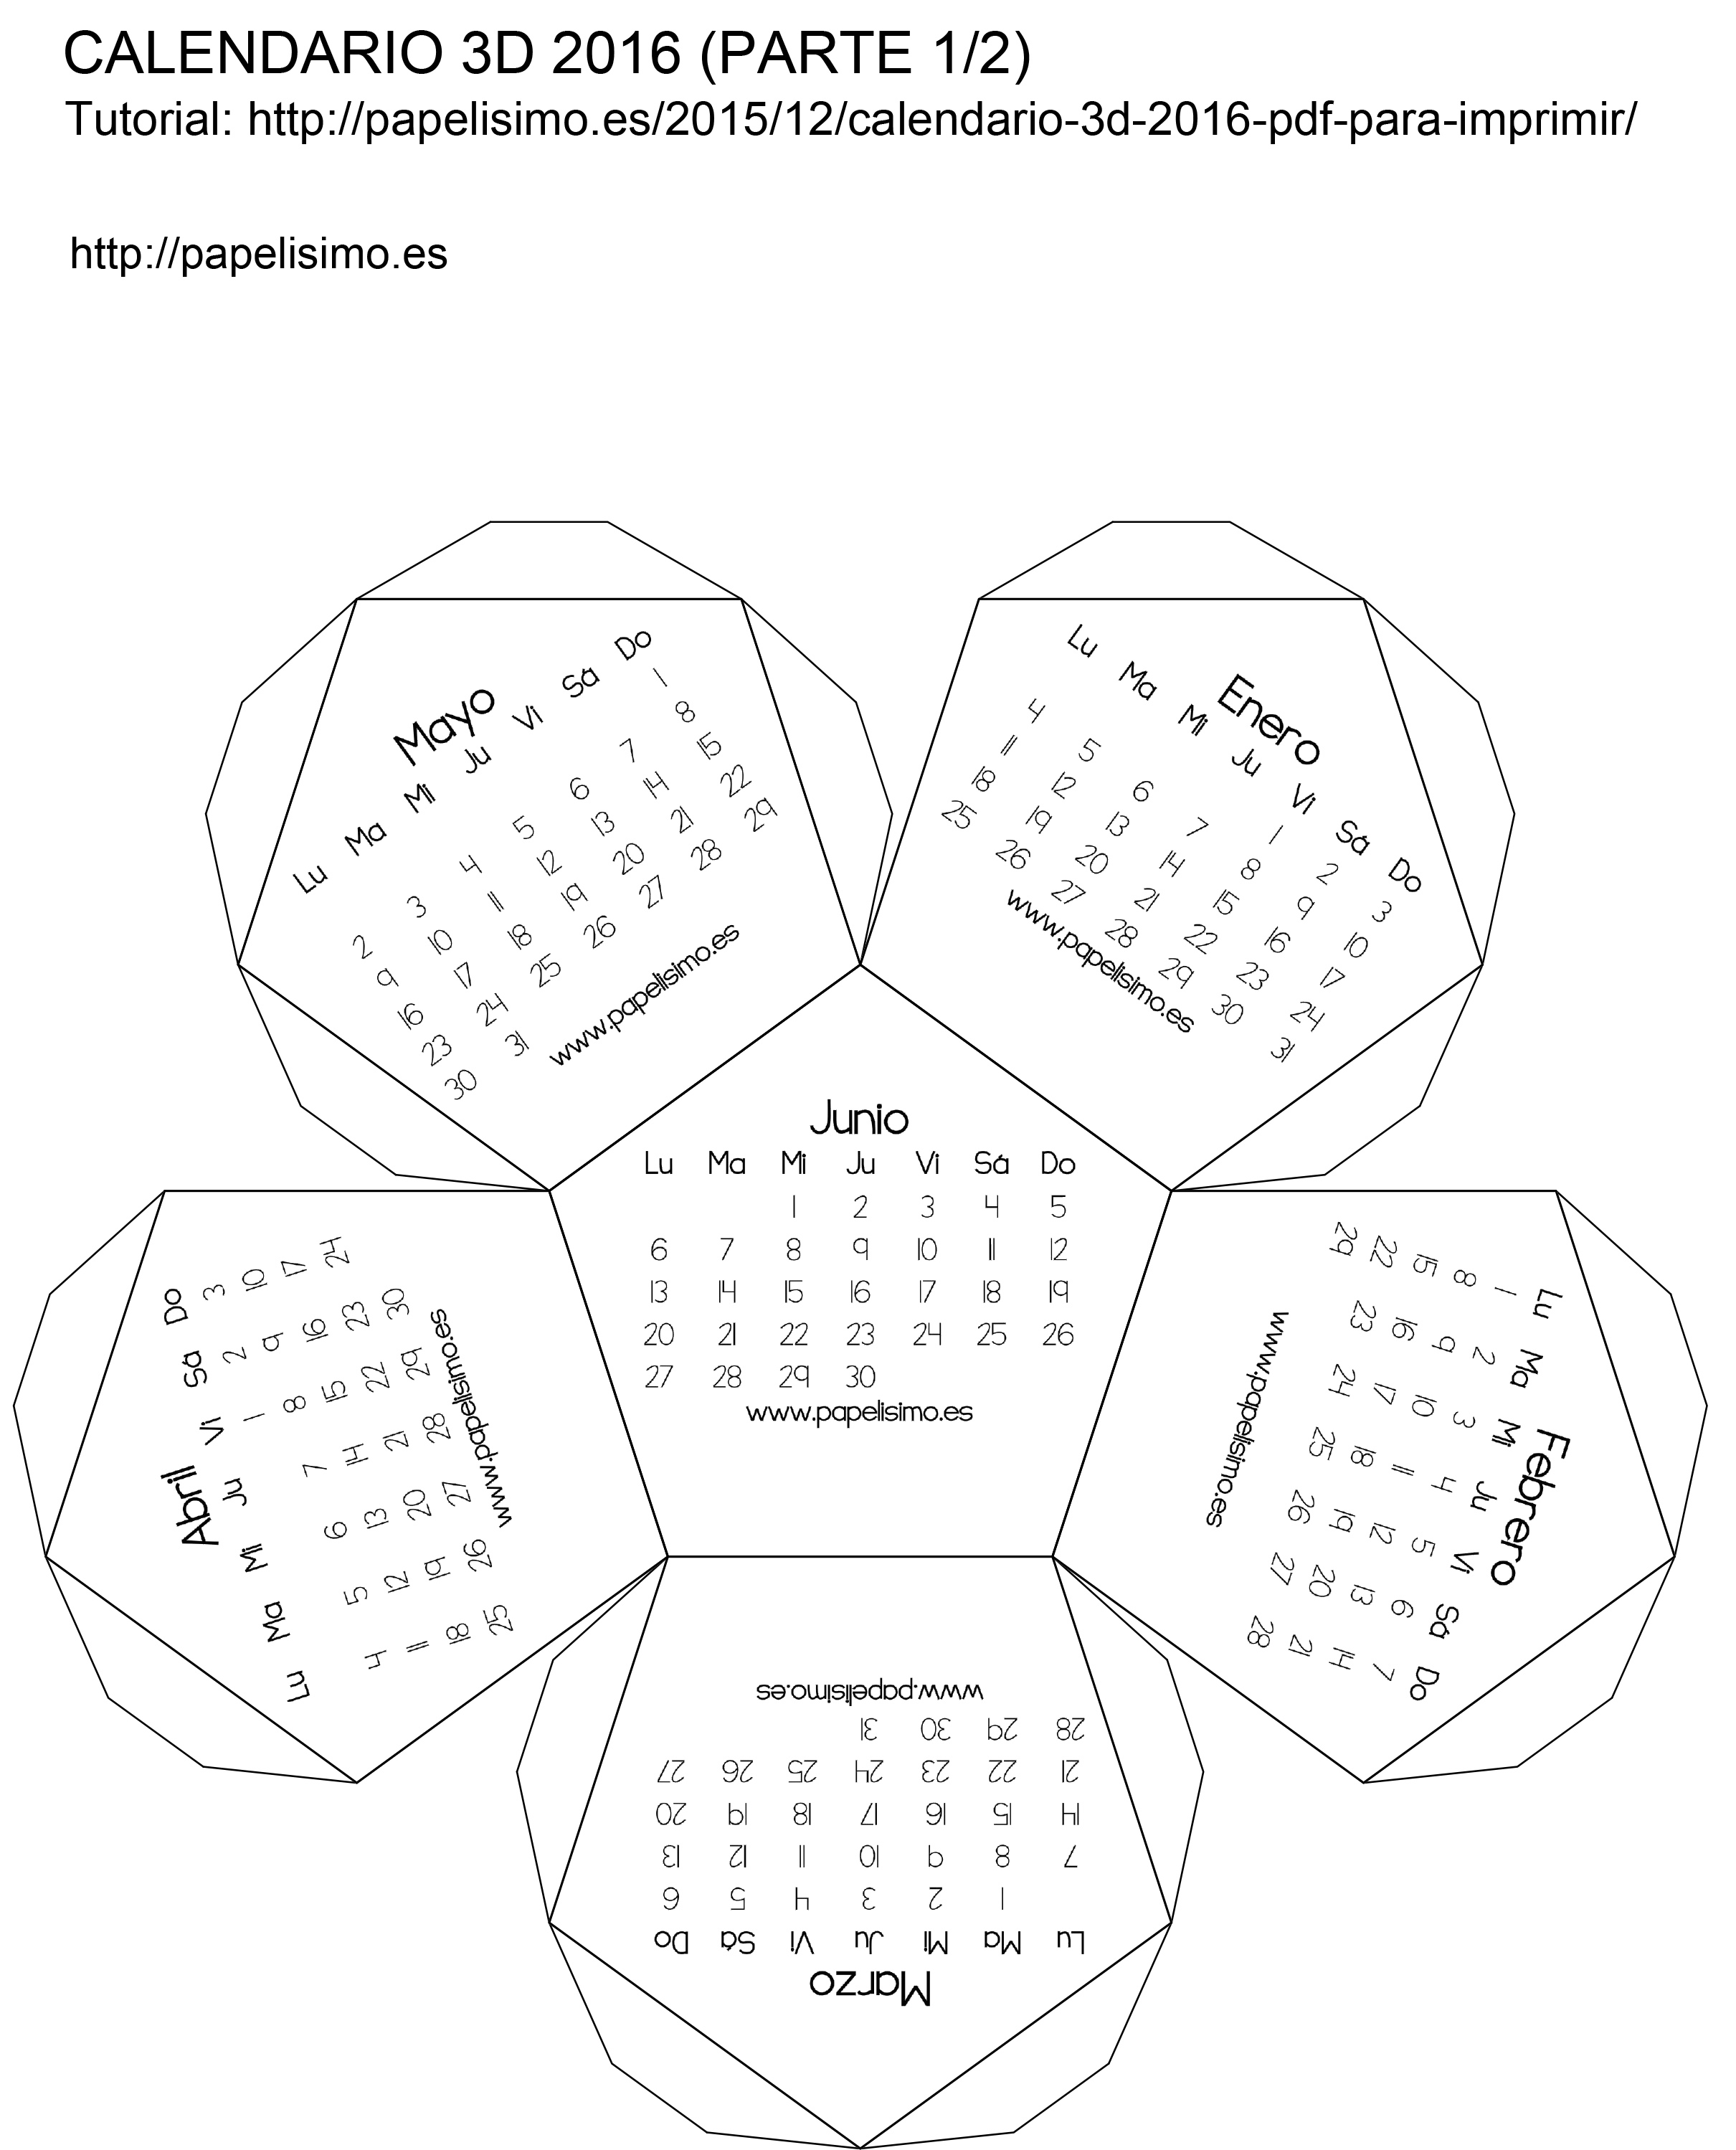 Calendario 3D 2016 (pdf para imprimir) - PAPELISIMO